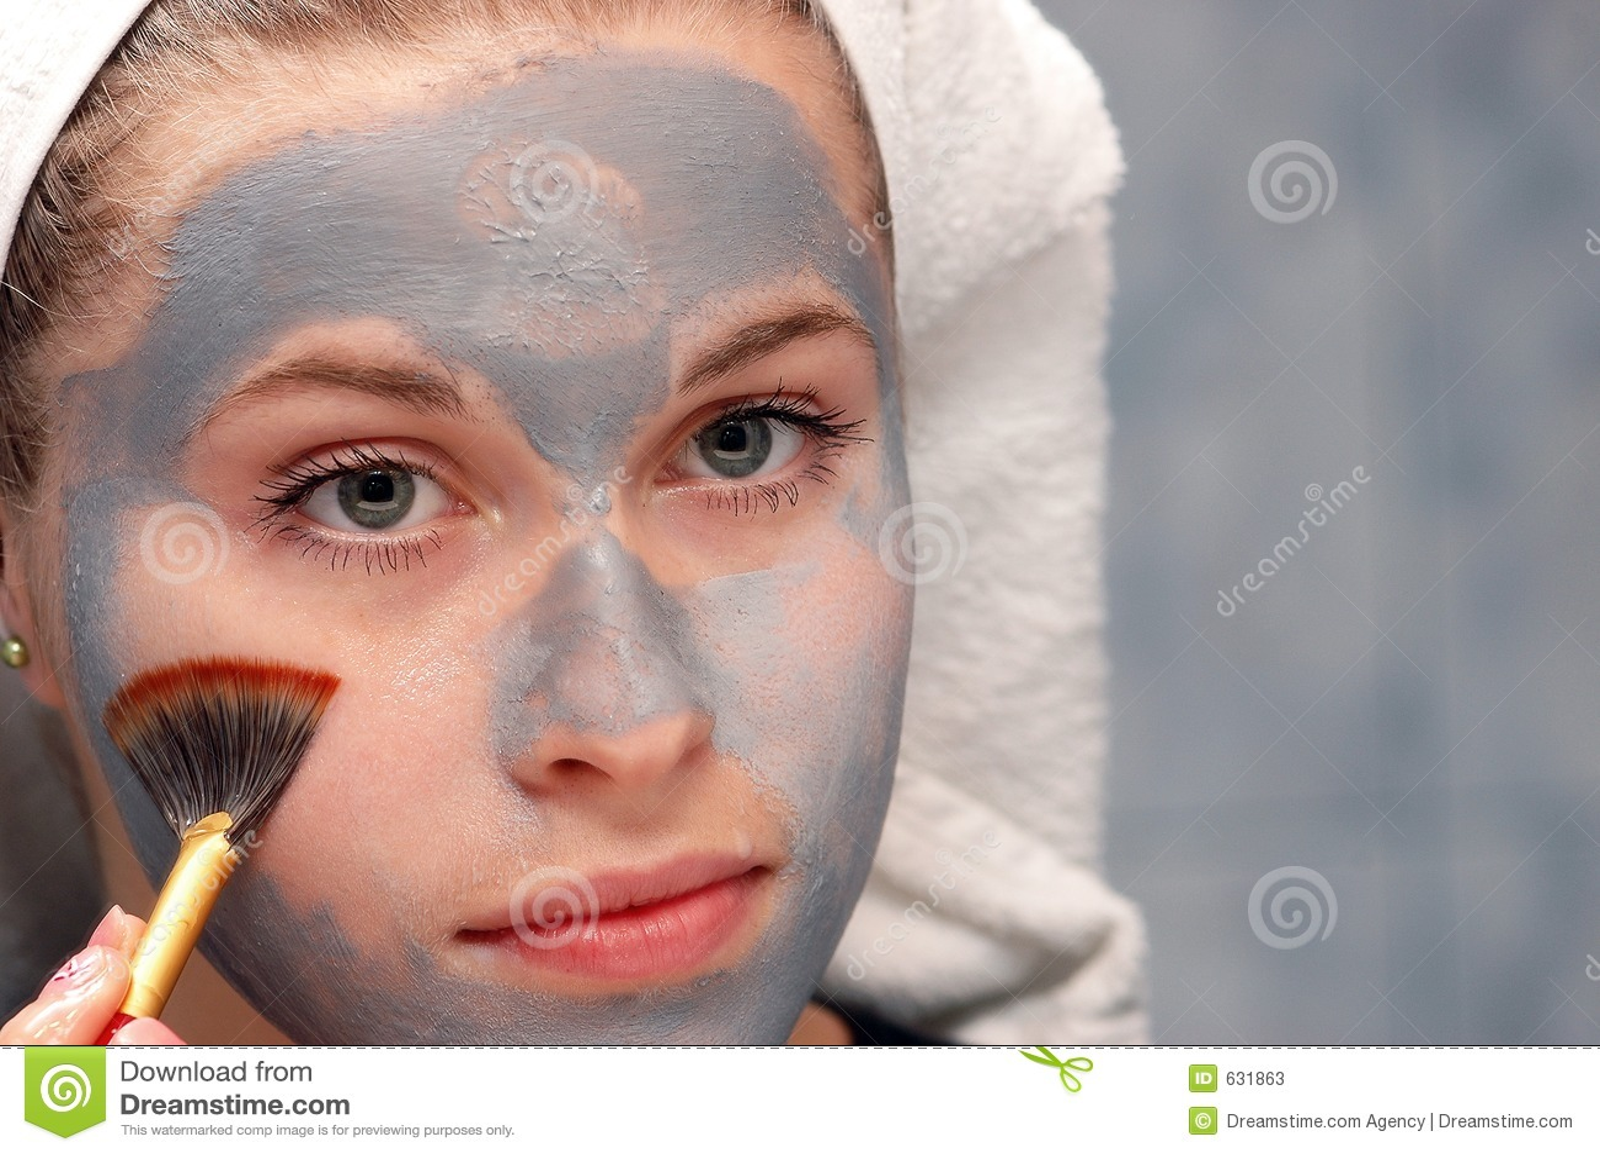 Limpando uma máscara facial